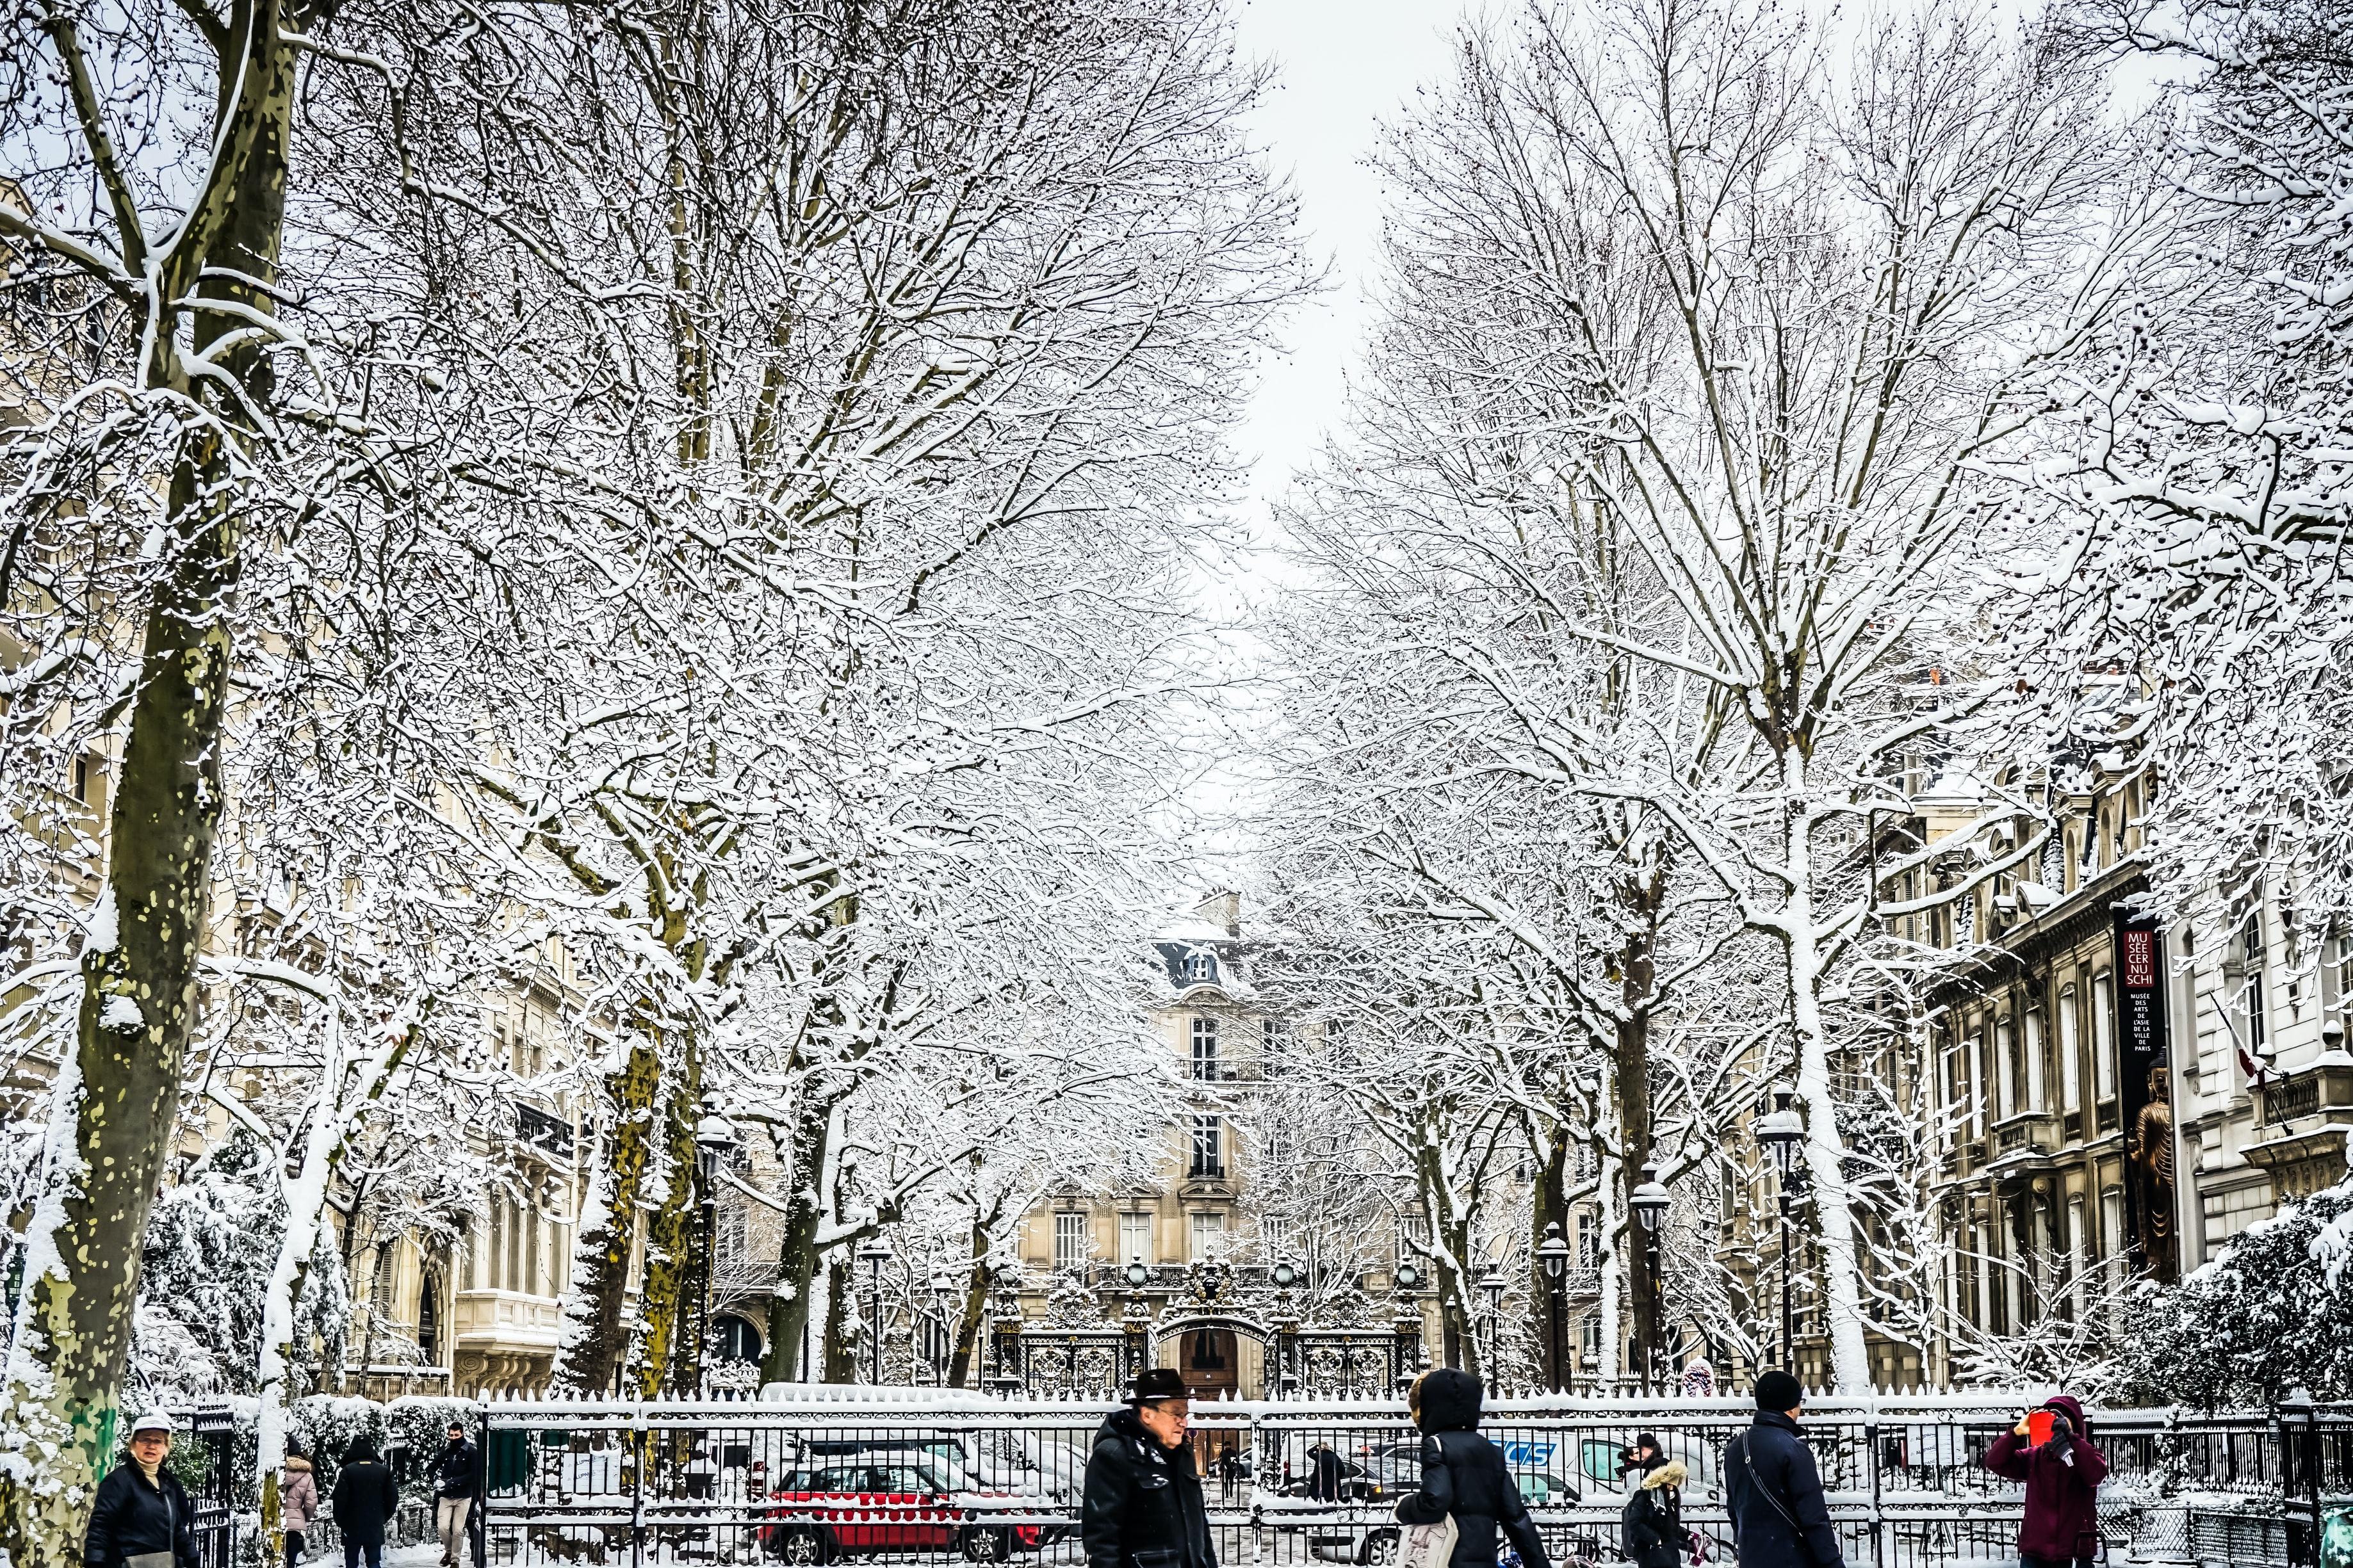 Monceau Parc, beautiful parks in Paris, France